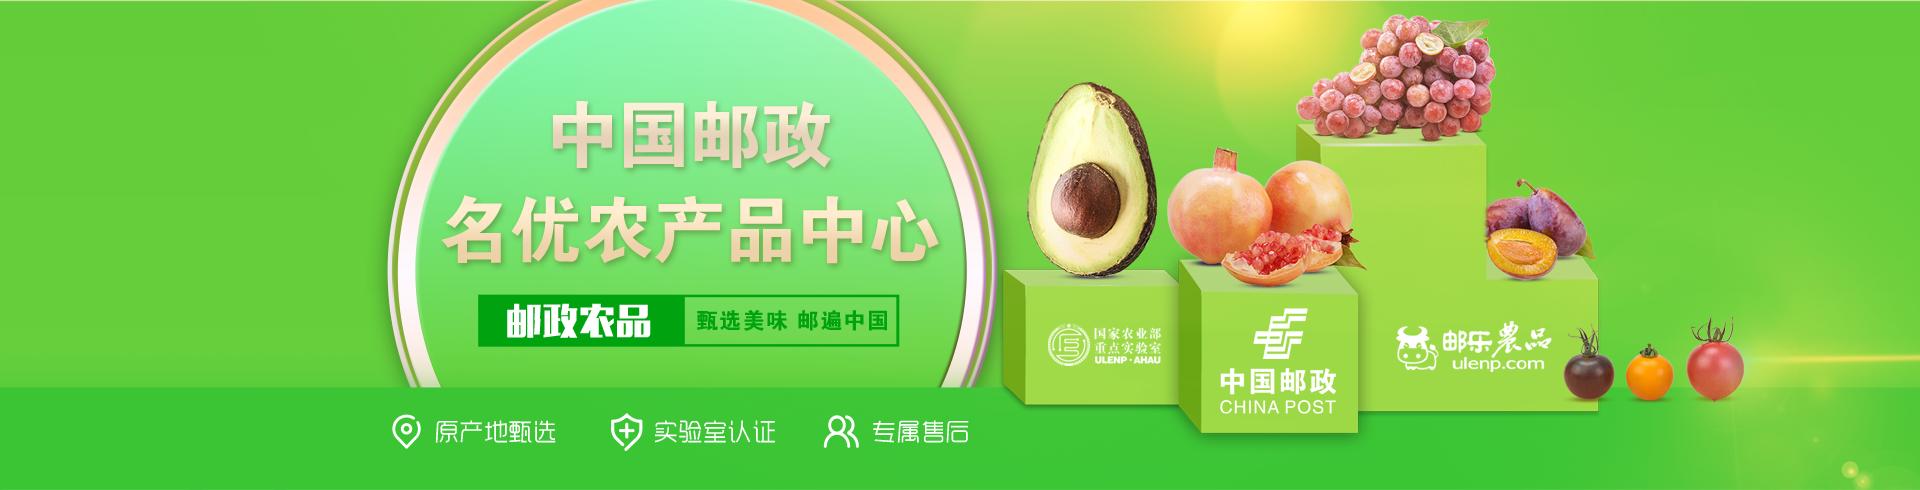 中国邮政 名优农产品中心